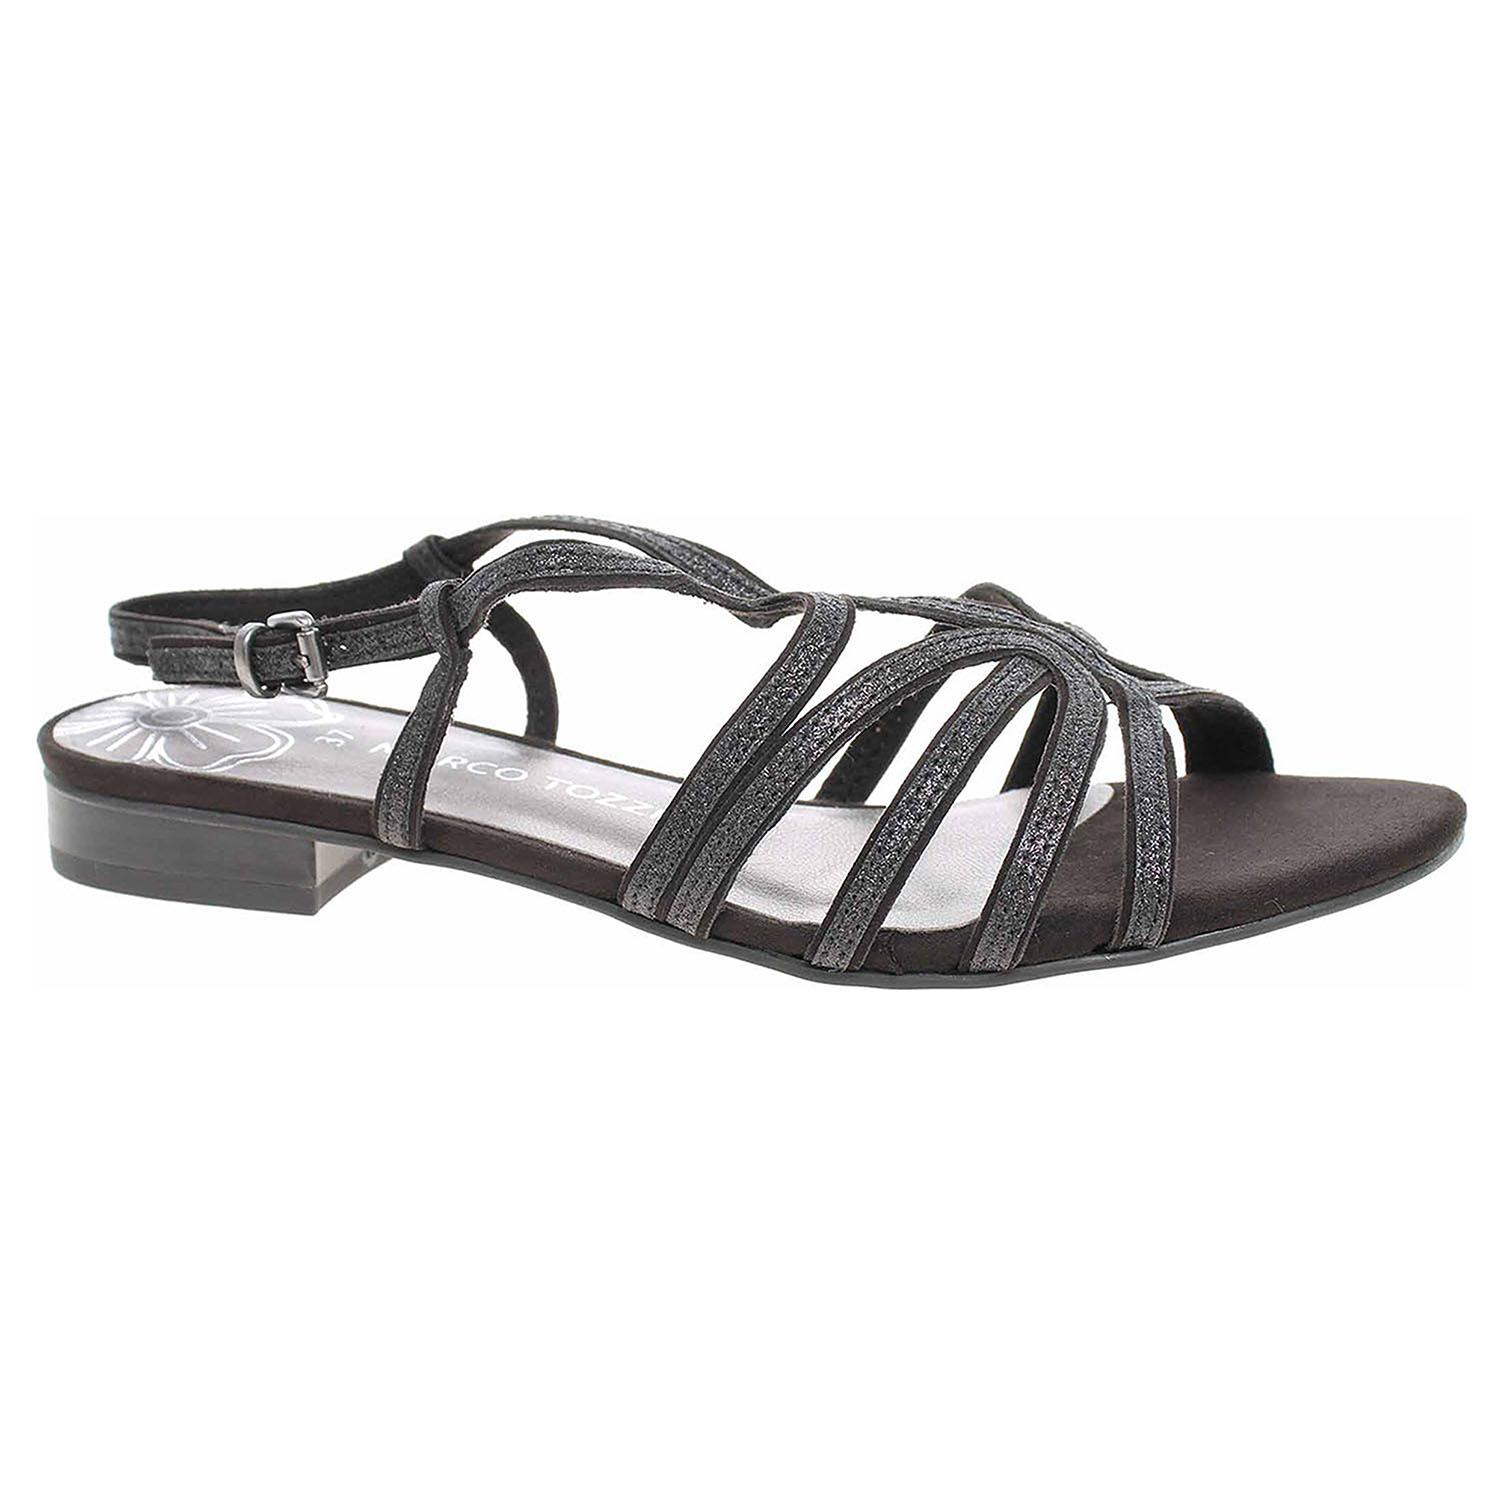 Dámská společenská obuv Marco Tozzi 2-28103-22 black comb 2-2-28103-22 098 39